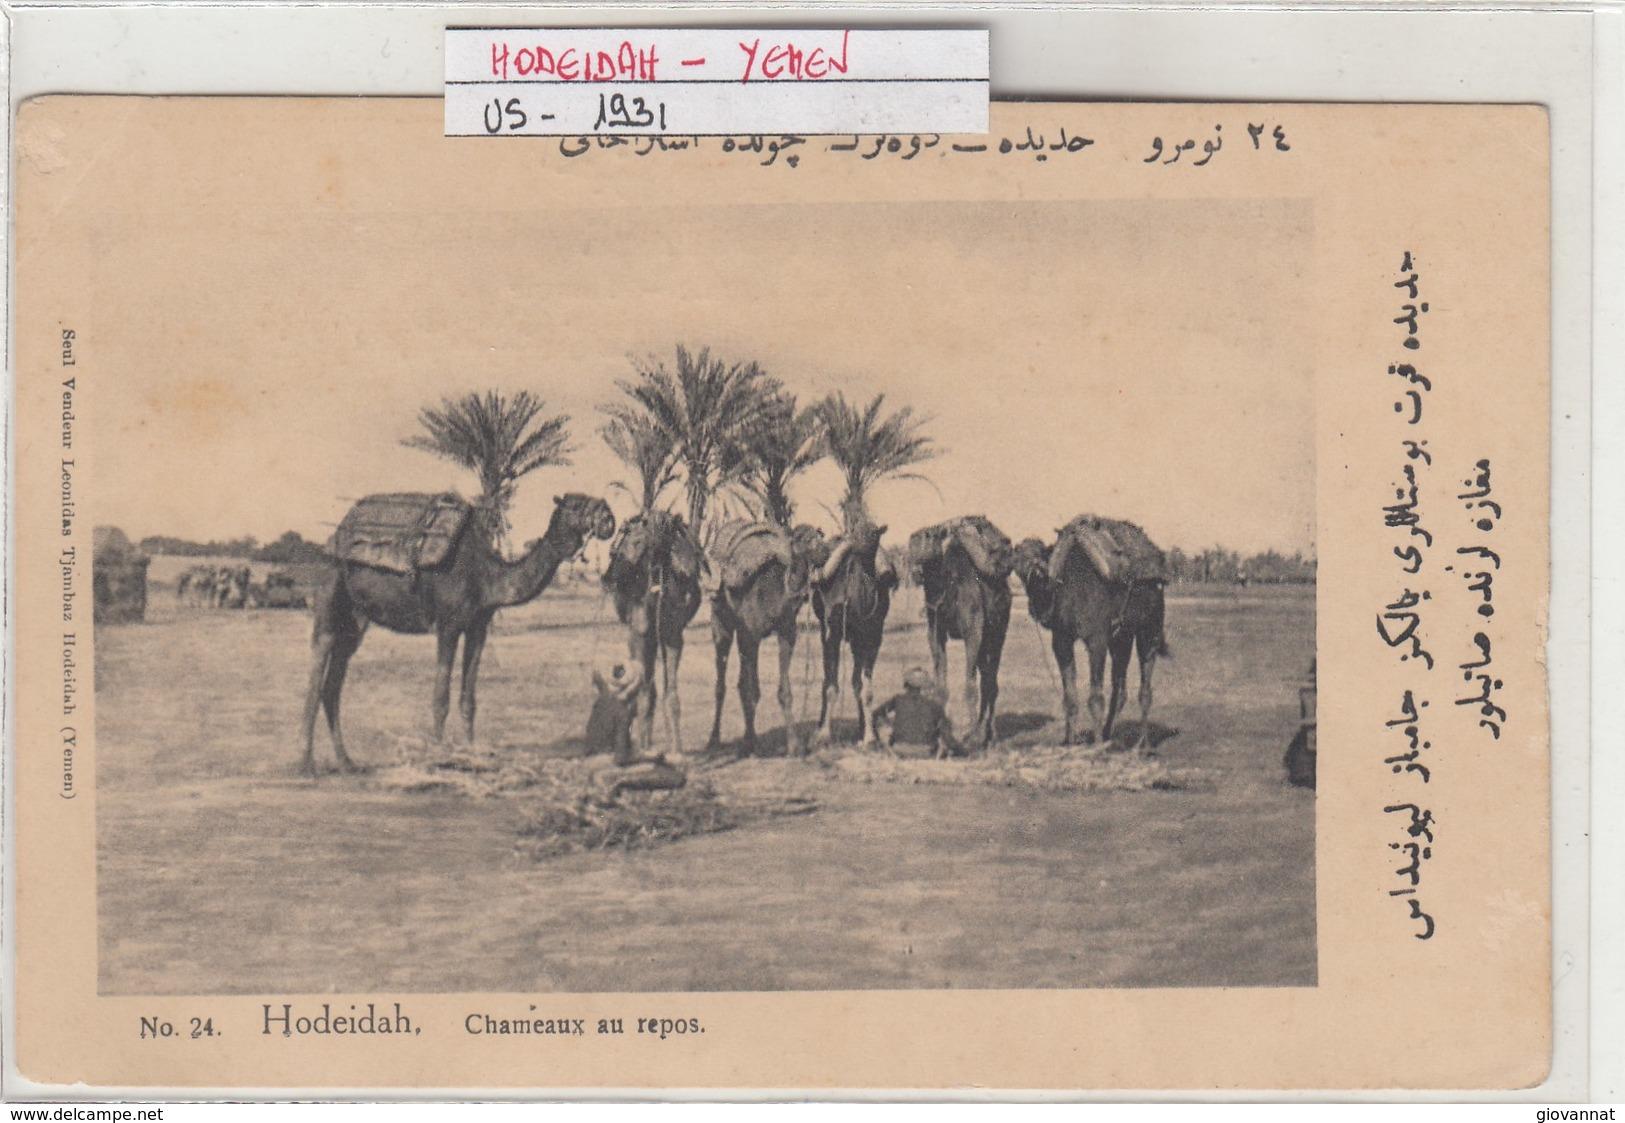 HODEIDAH - Yémen